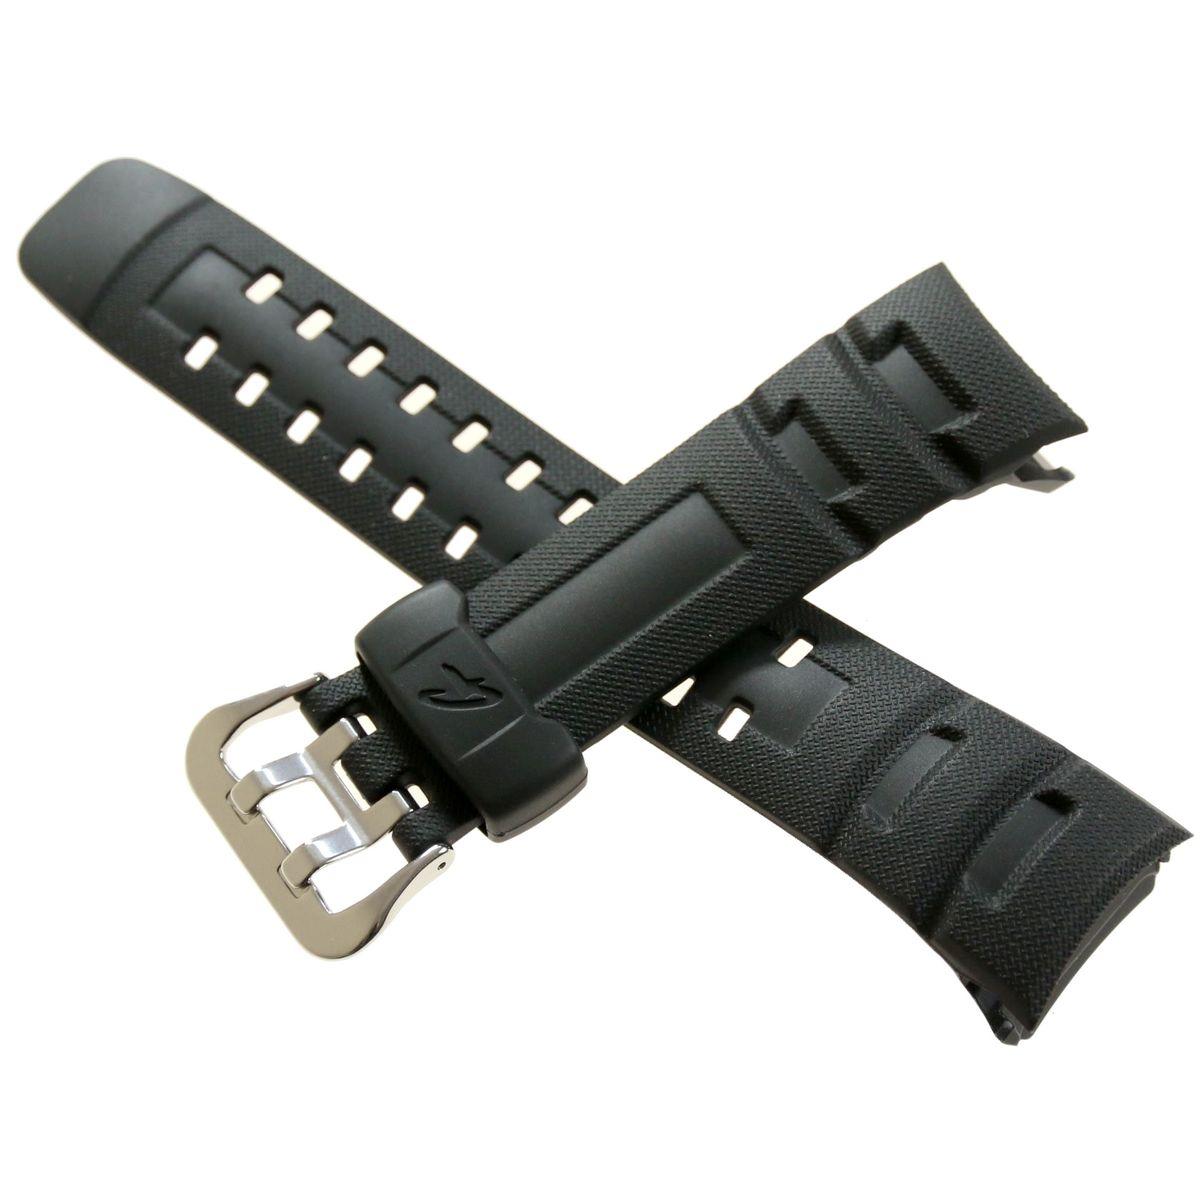 Pulseira Casio G-shock G-7600 G-7400 Gw-002 * 100% original (10173433)  - E-Presentes